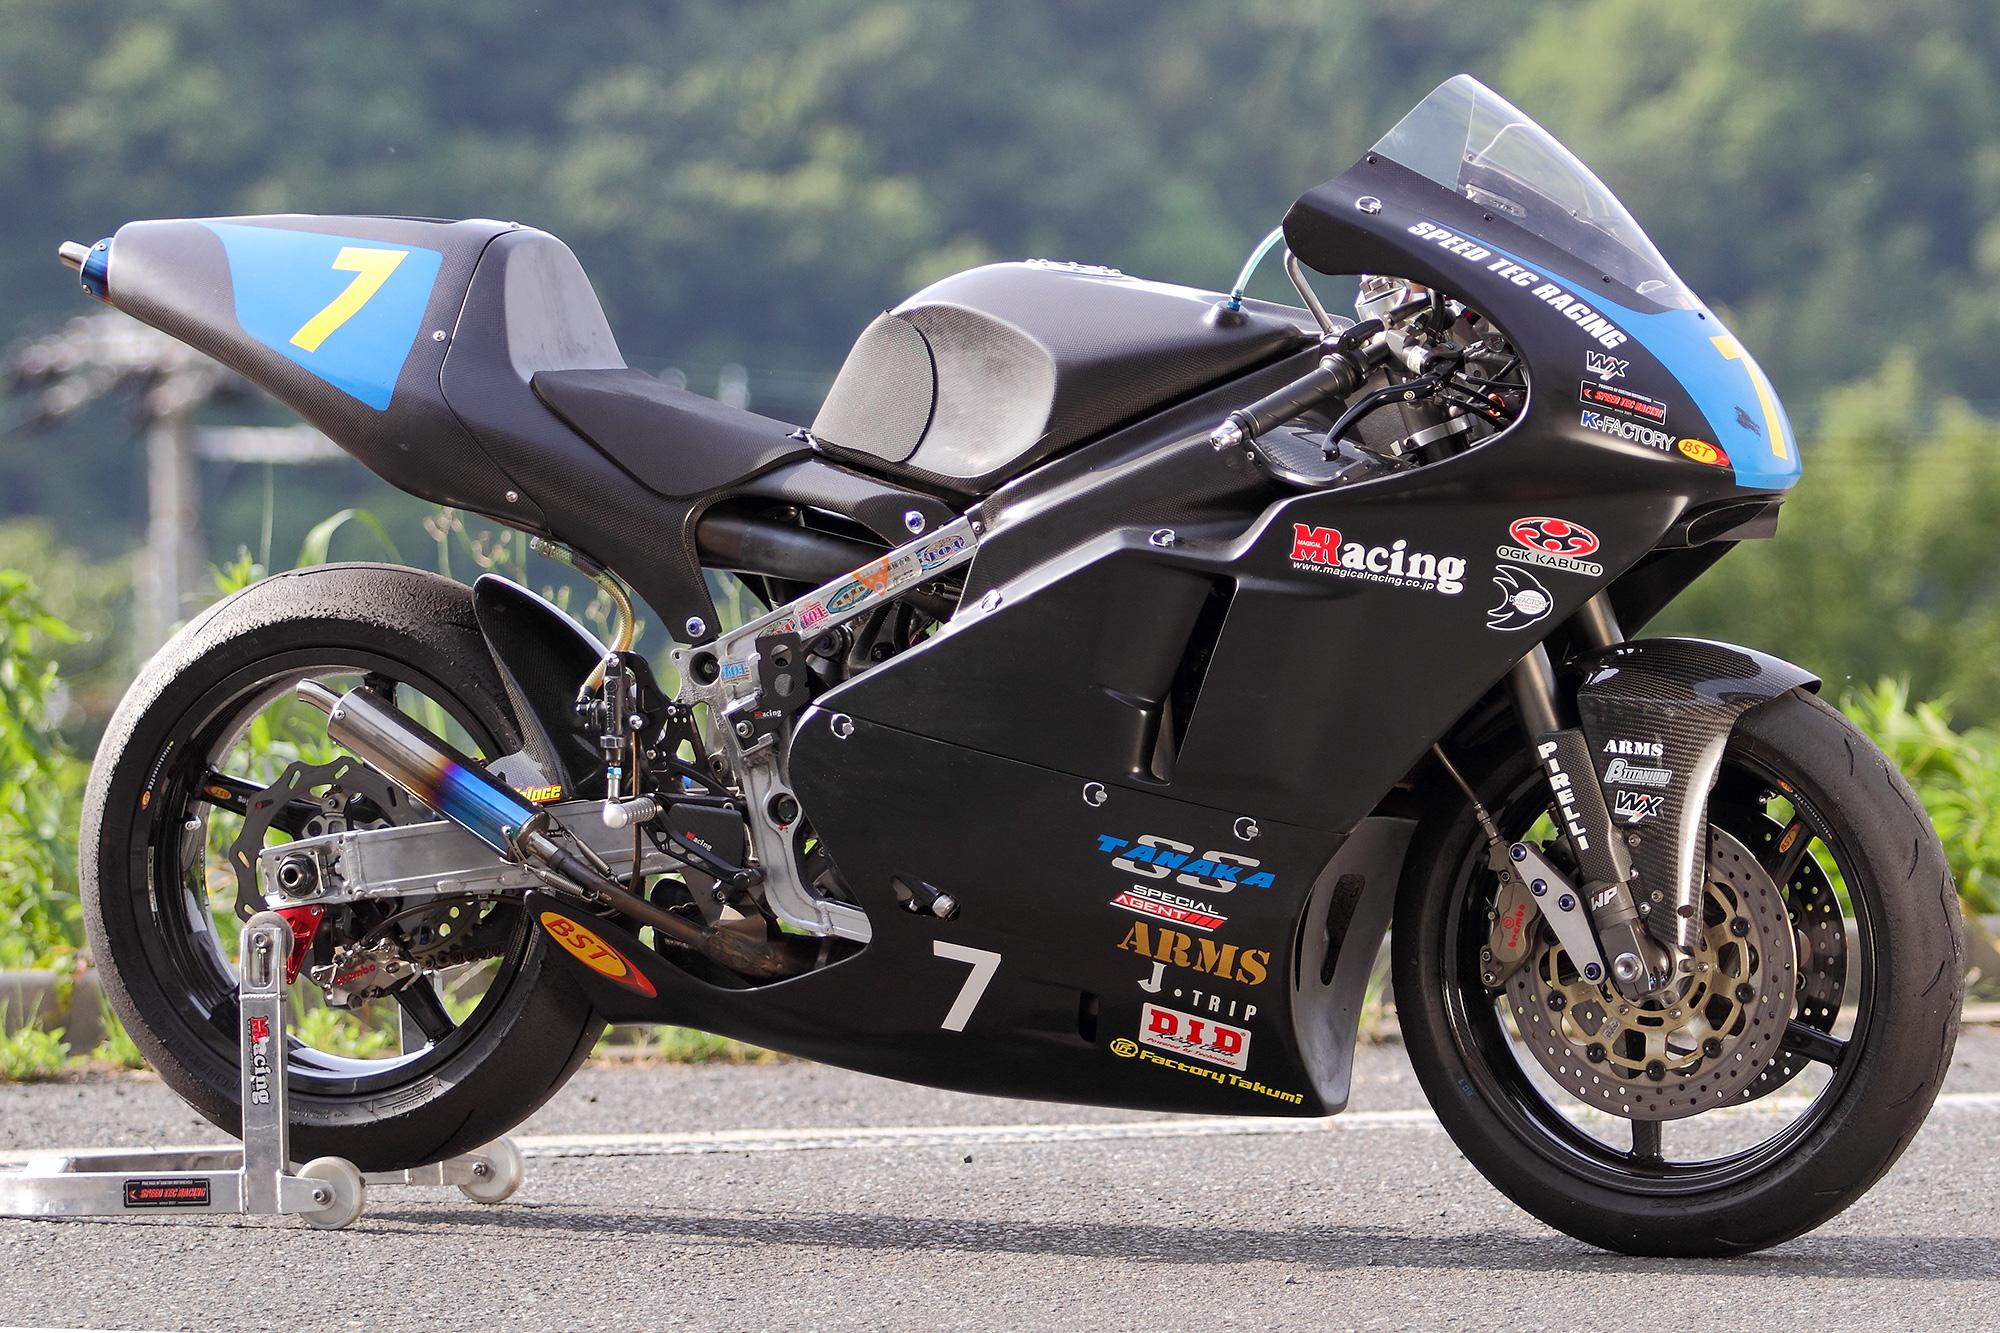 RG500Γ by マジカルレーシング